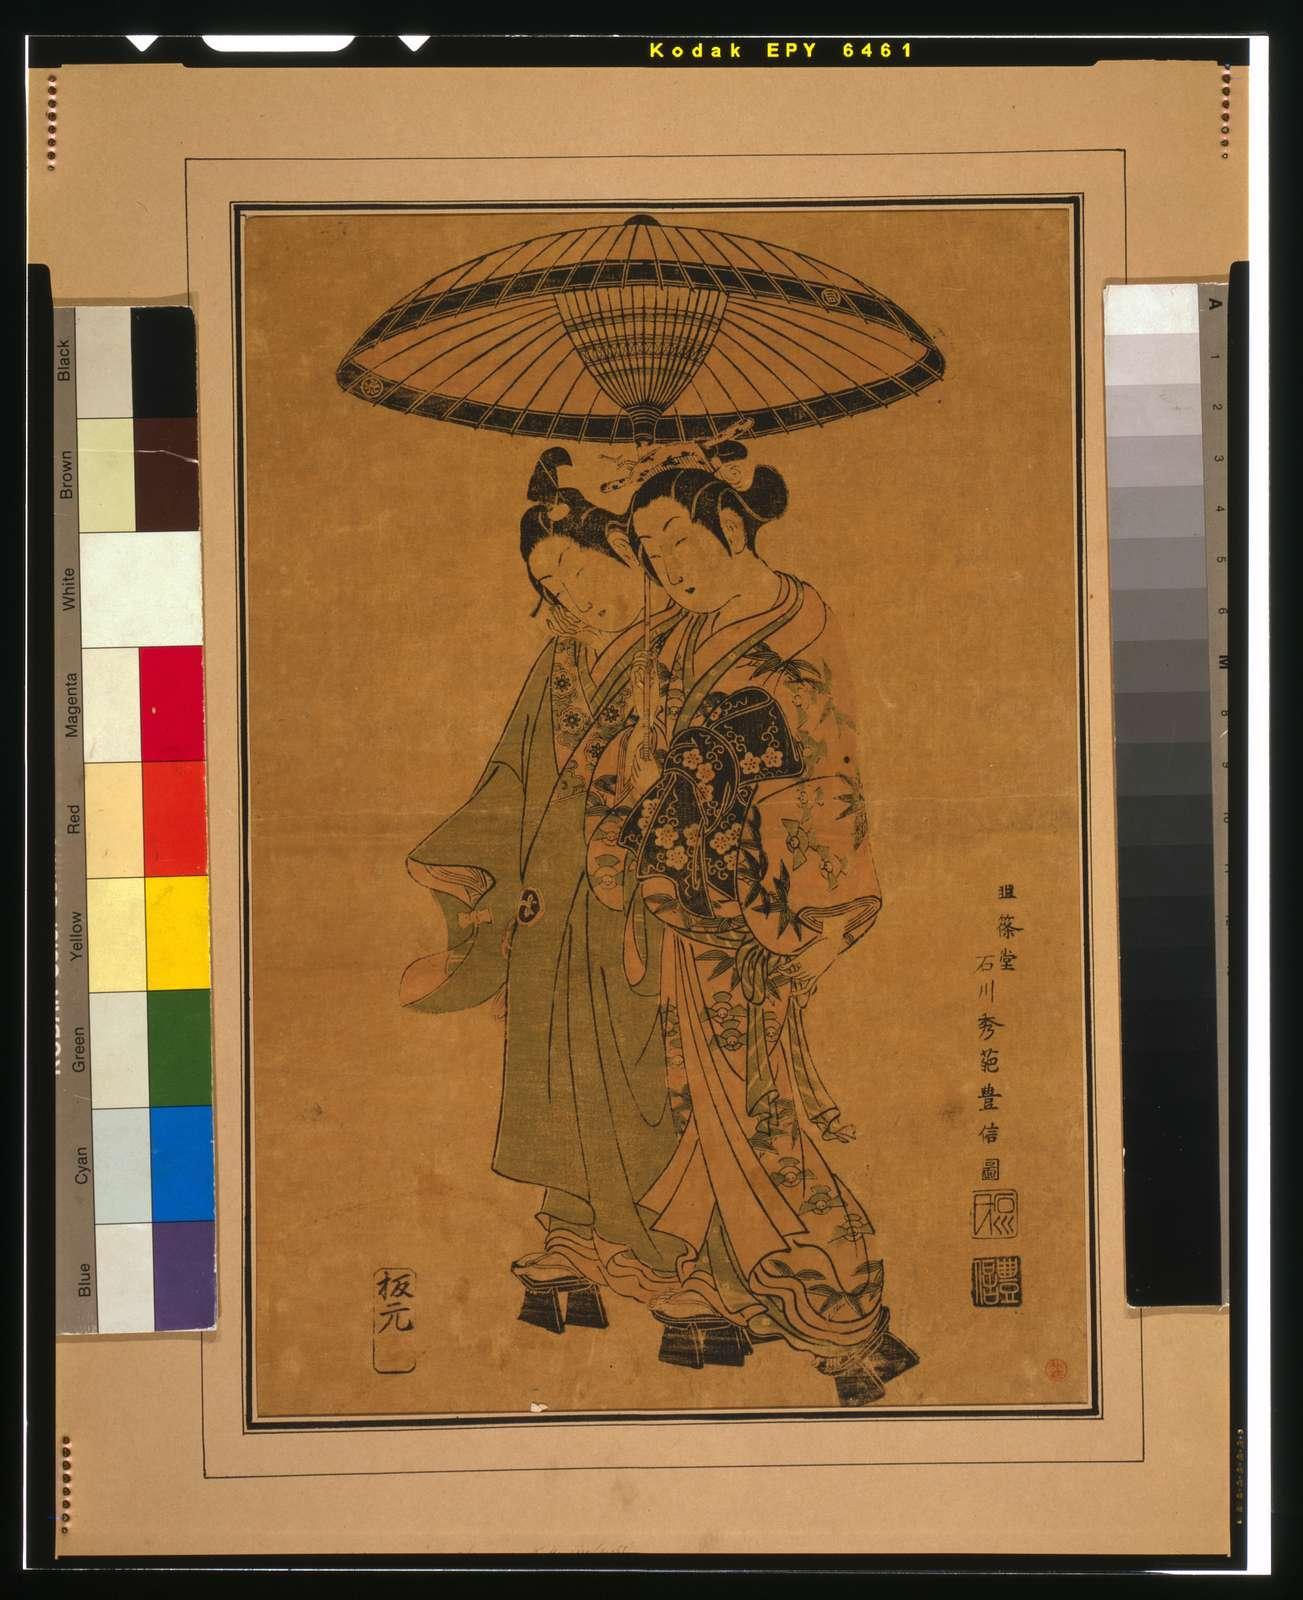 Sanogawa ichimatsu to segawa kikunojō no aiaigasa